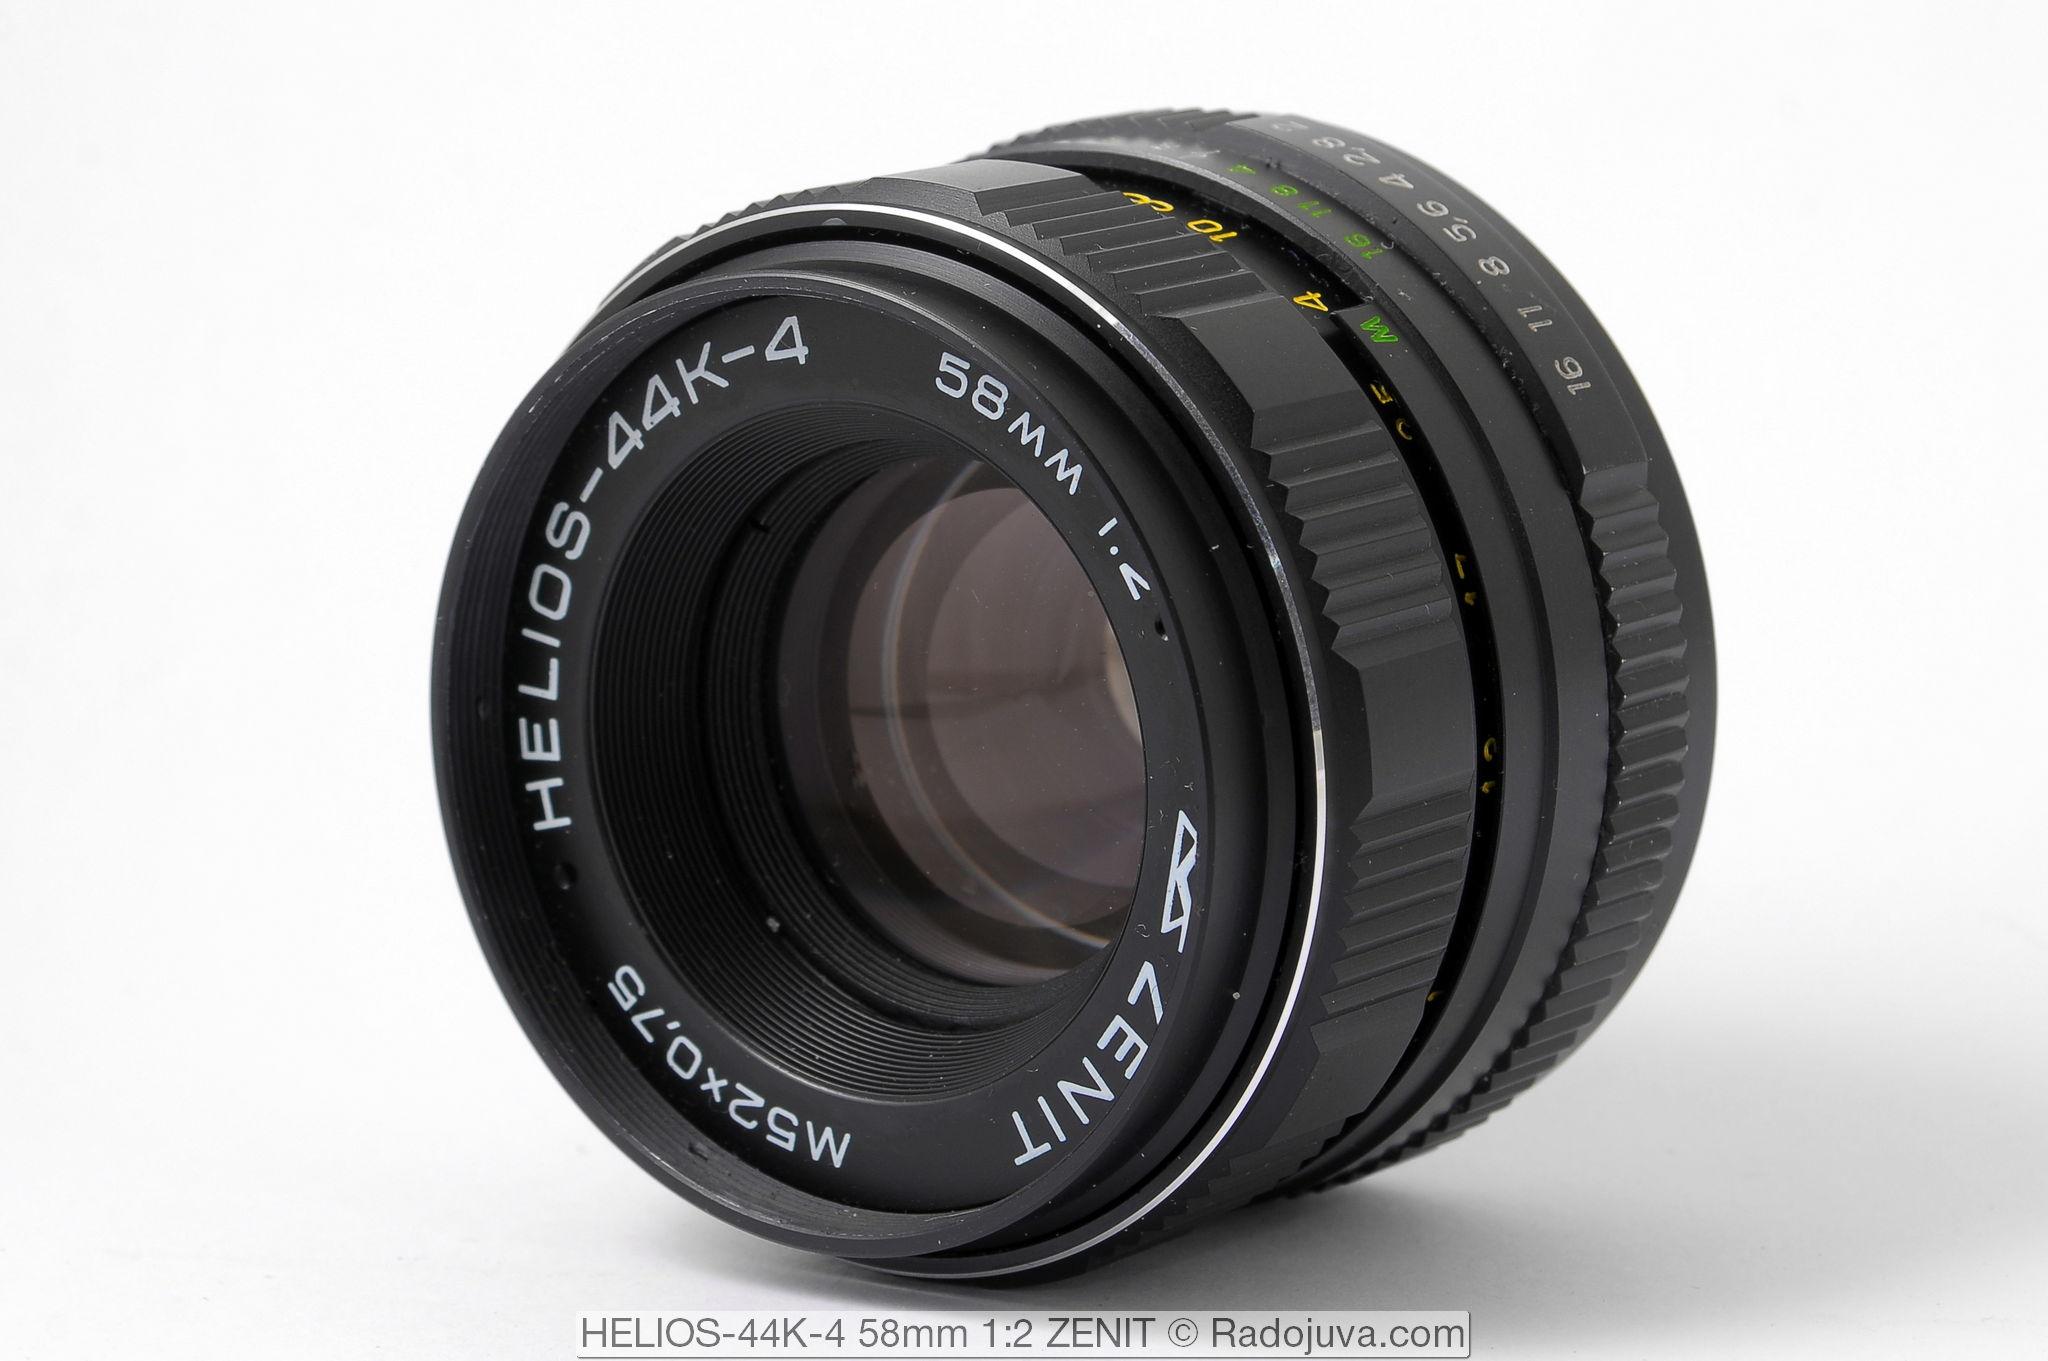 HELIOS-44K-4 58mm 1:2 с байонетом Pentax